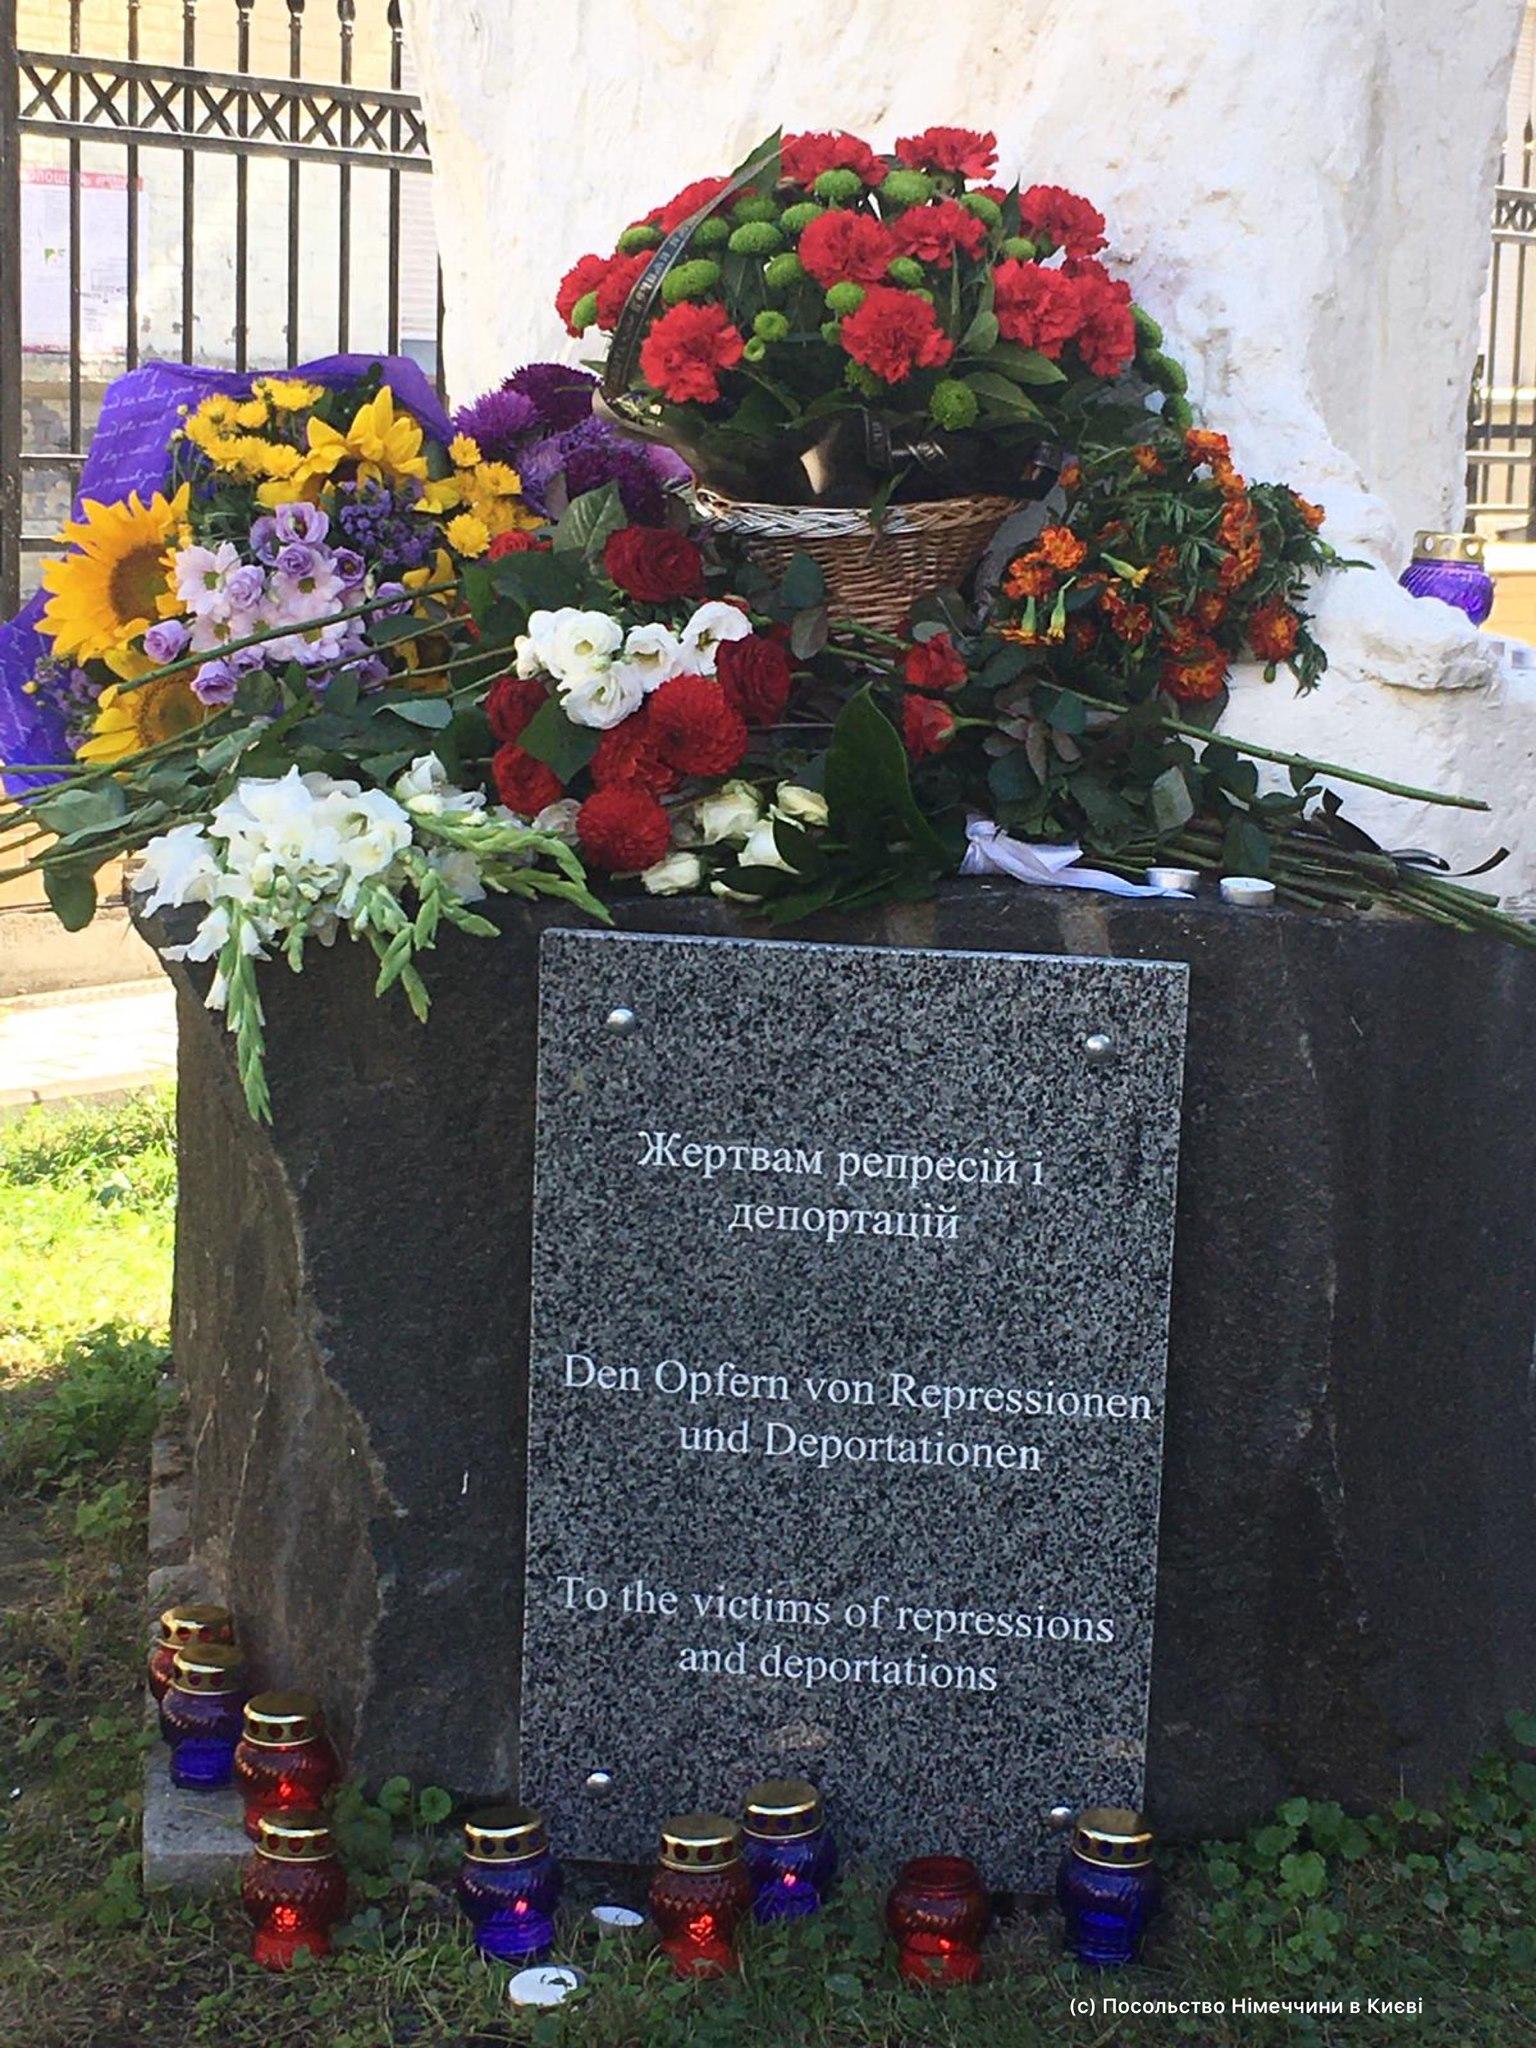 Відкриття пам'ятної дошки жертвах репресій та депортацій